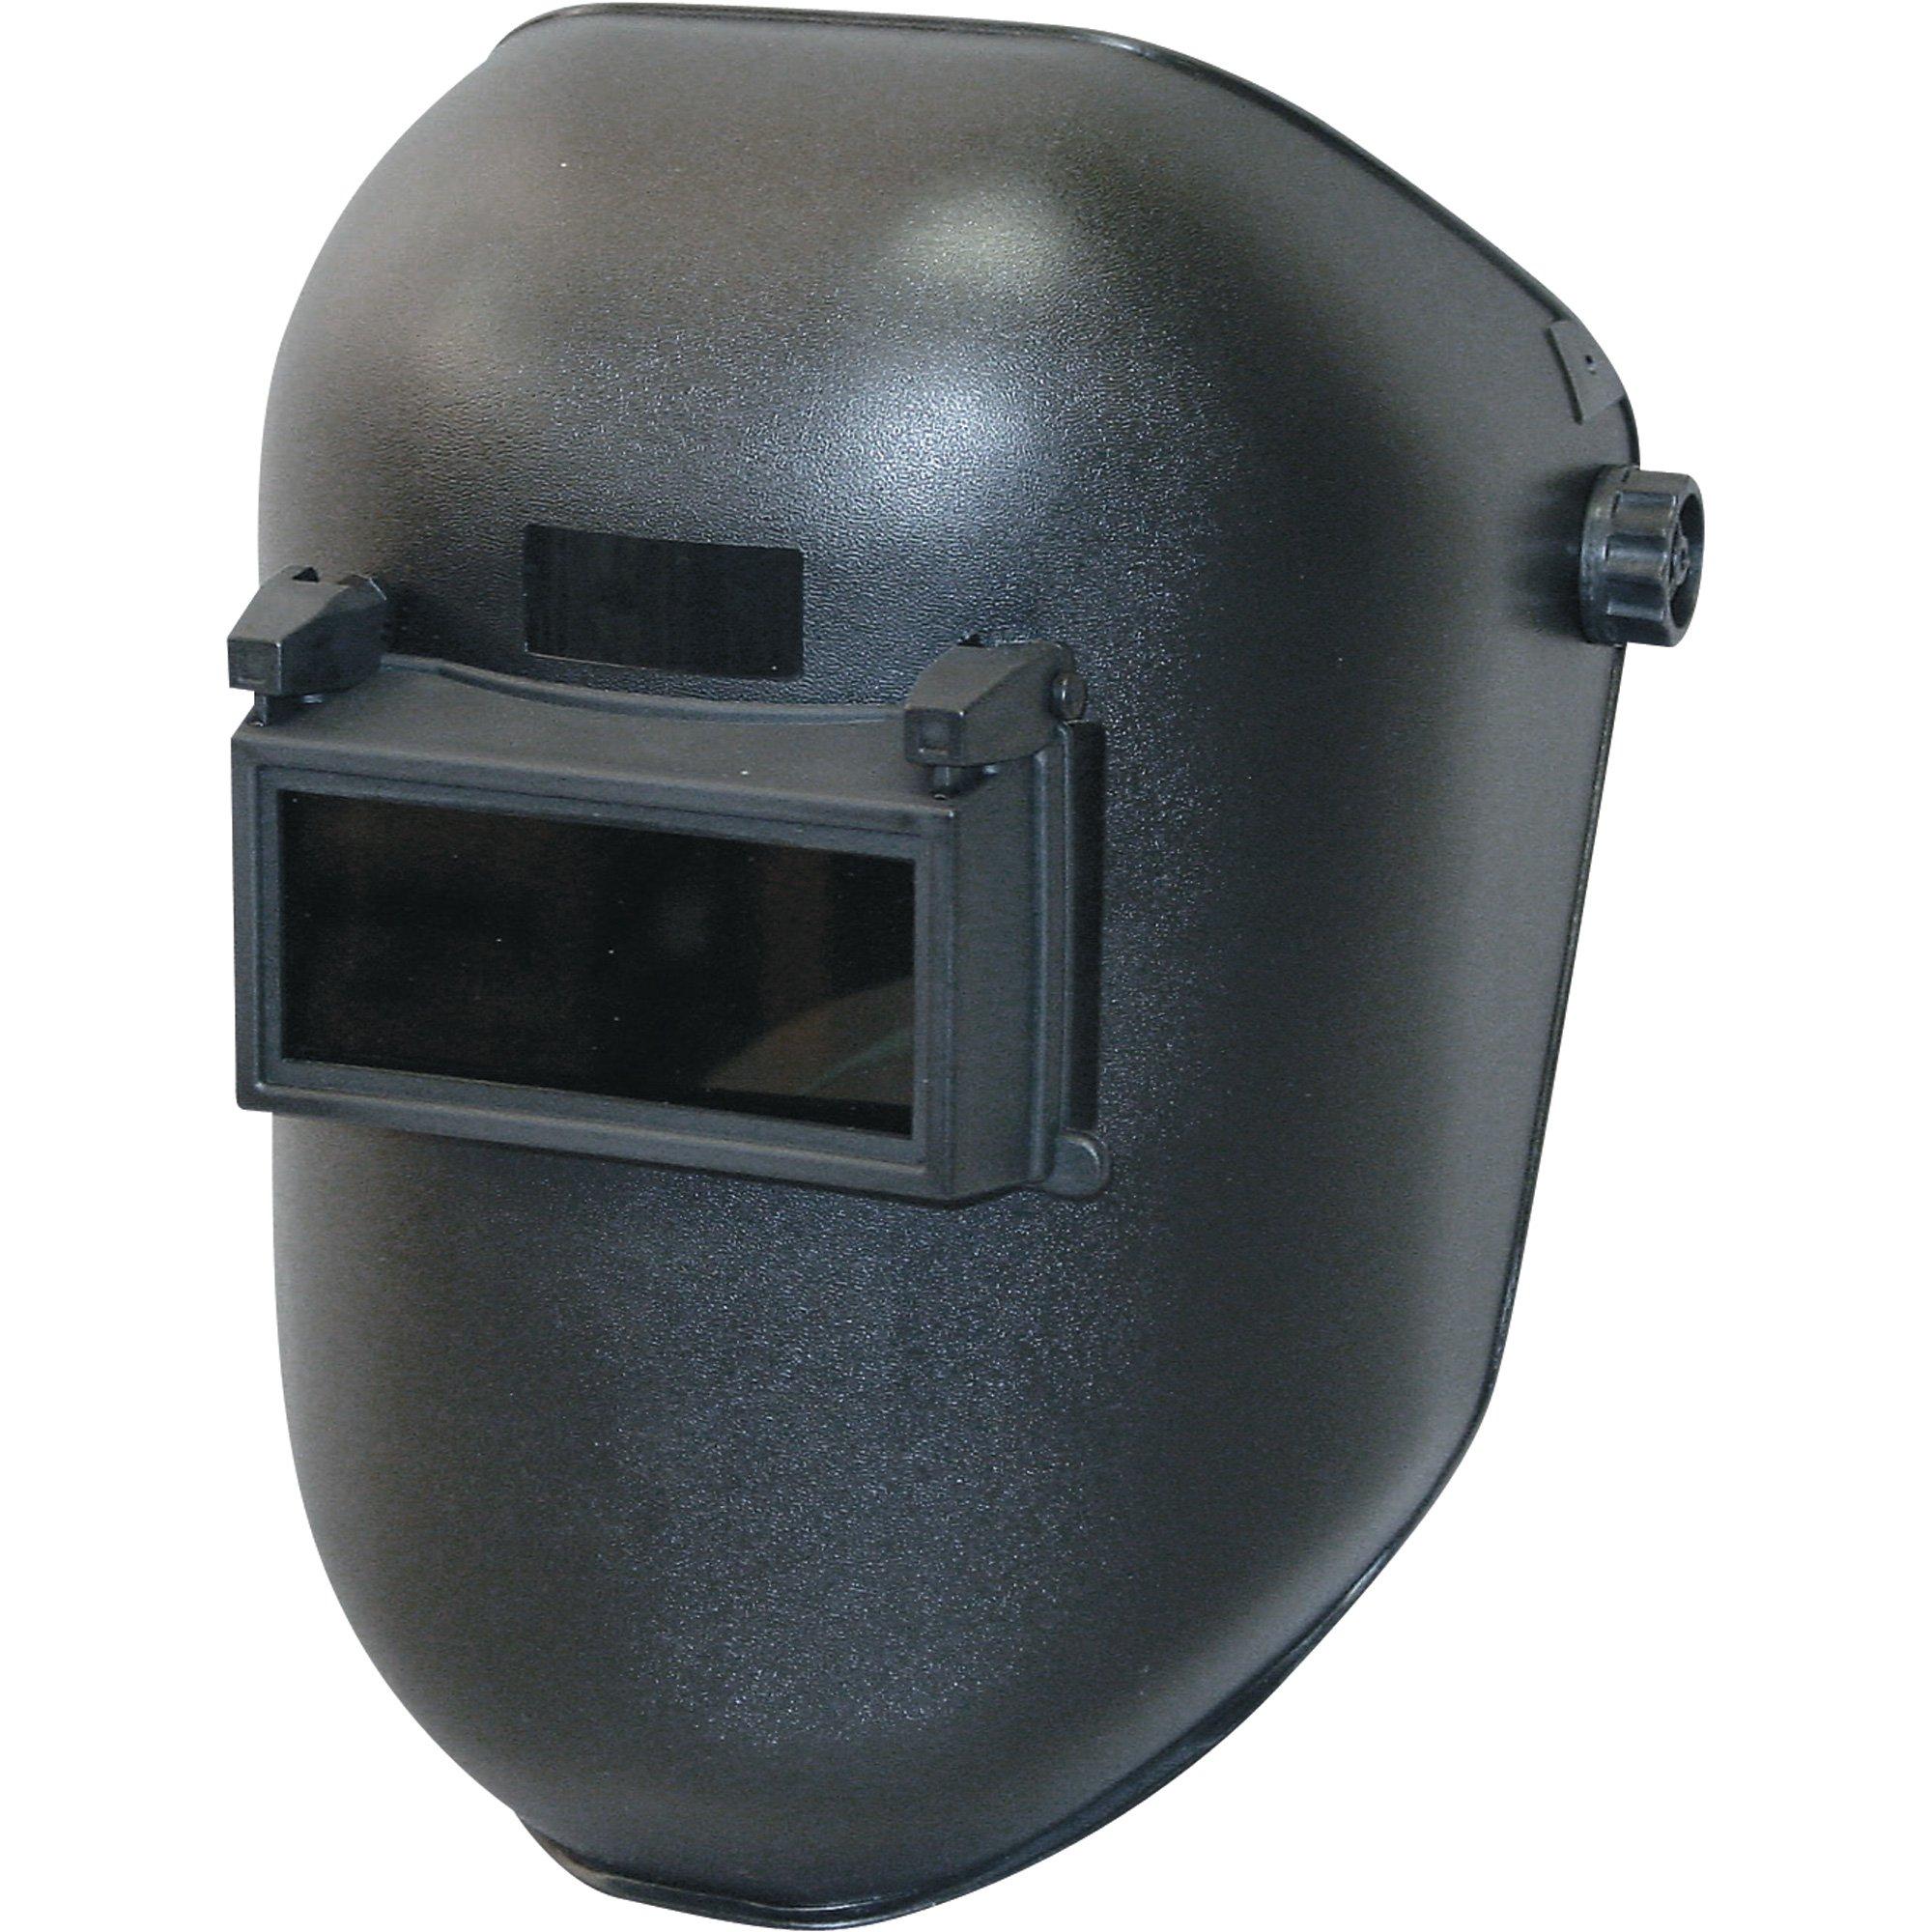 Welding mask photo